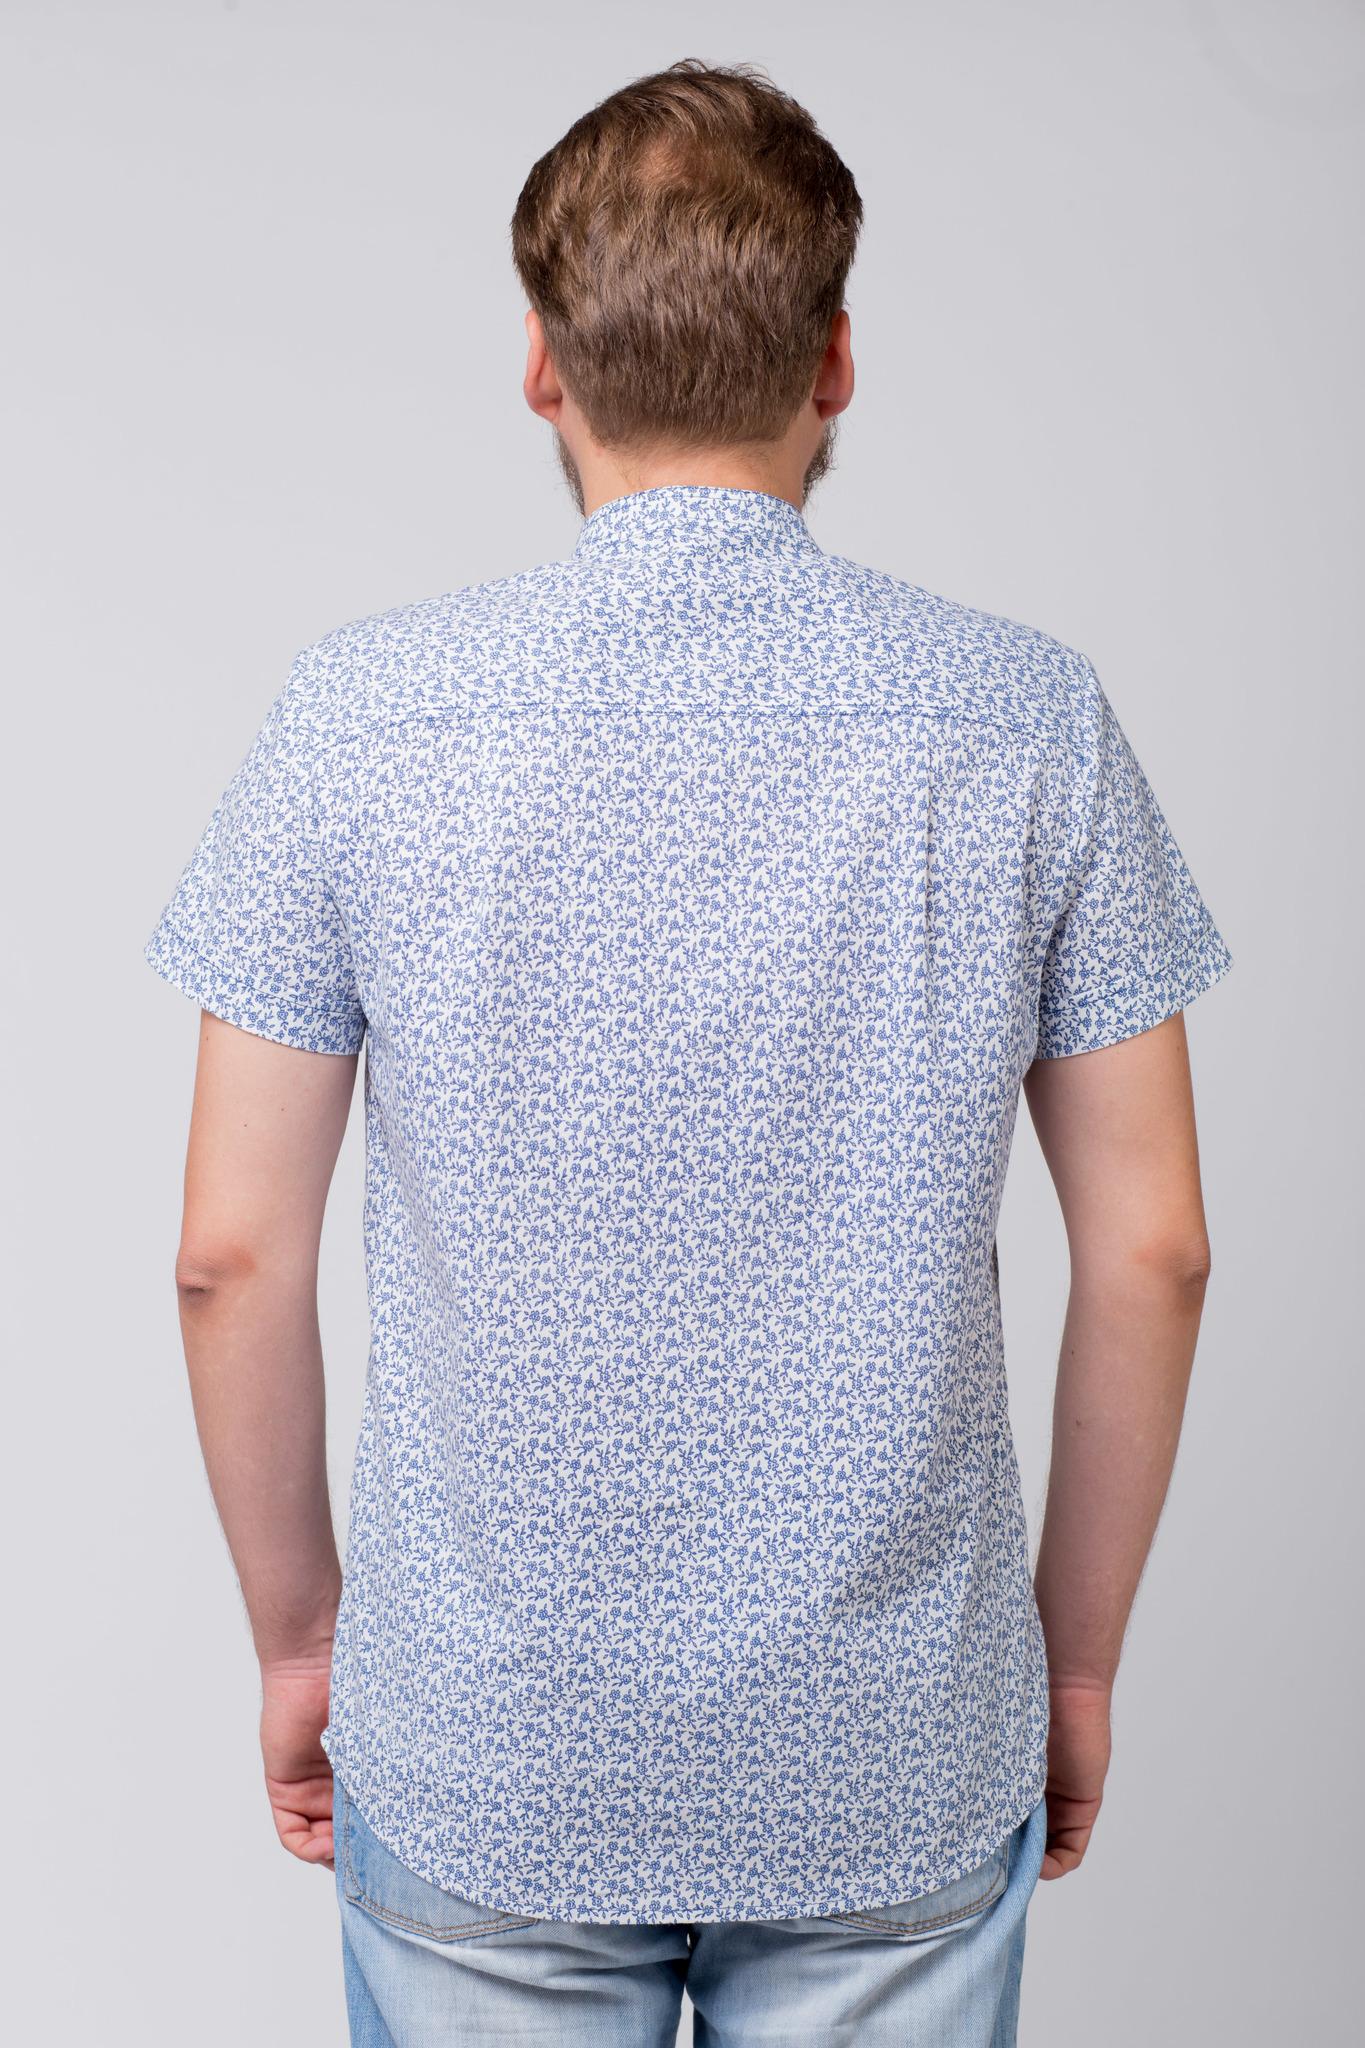 Рубашка льняная Енисейская вид сзади